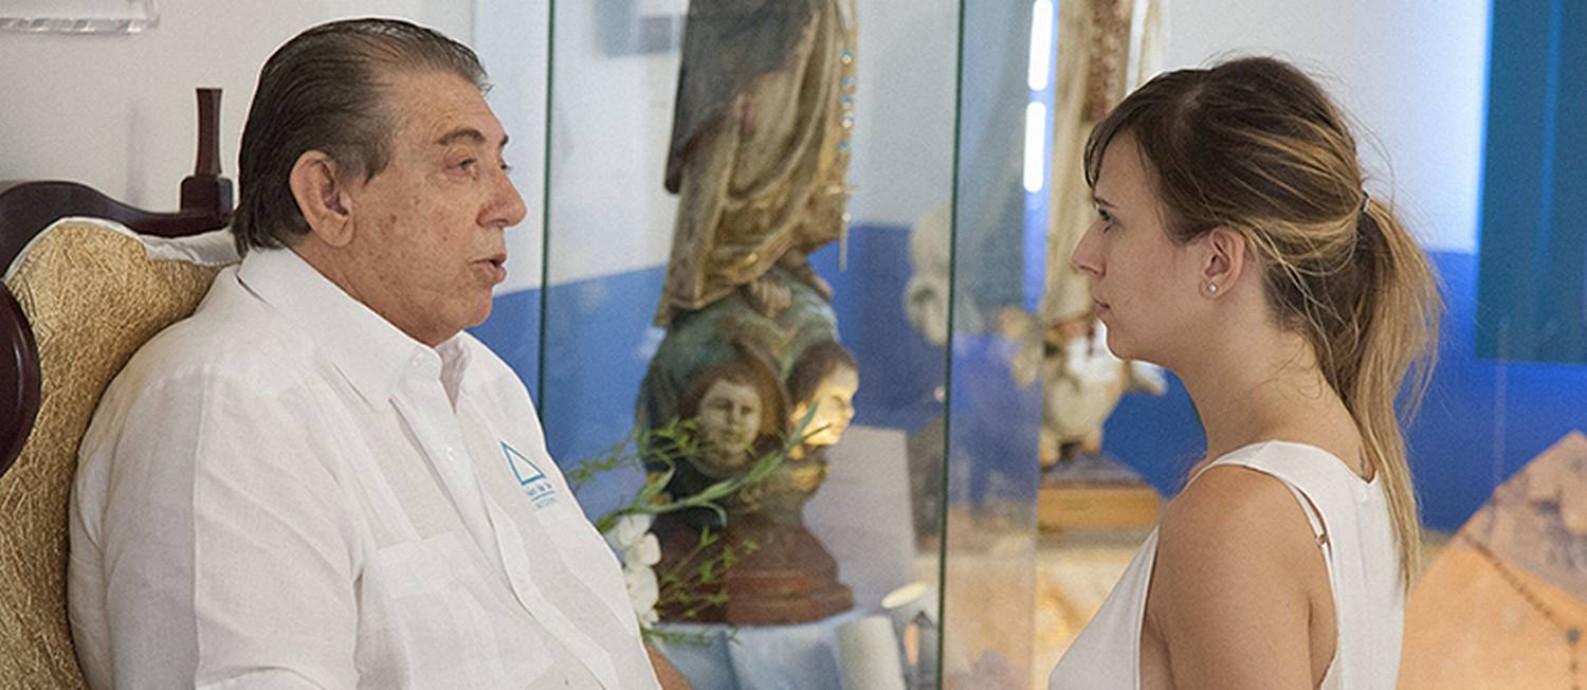 Cena do filme 'João de Deus - O silêncio é uma prece' Foto: Divulgação